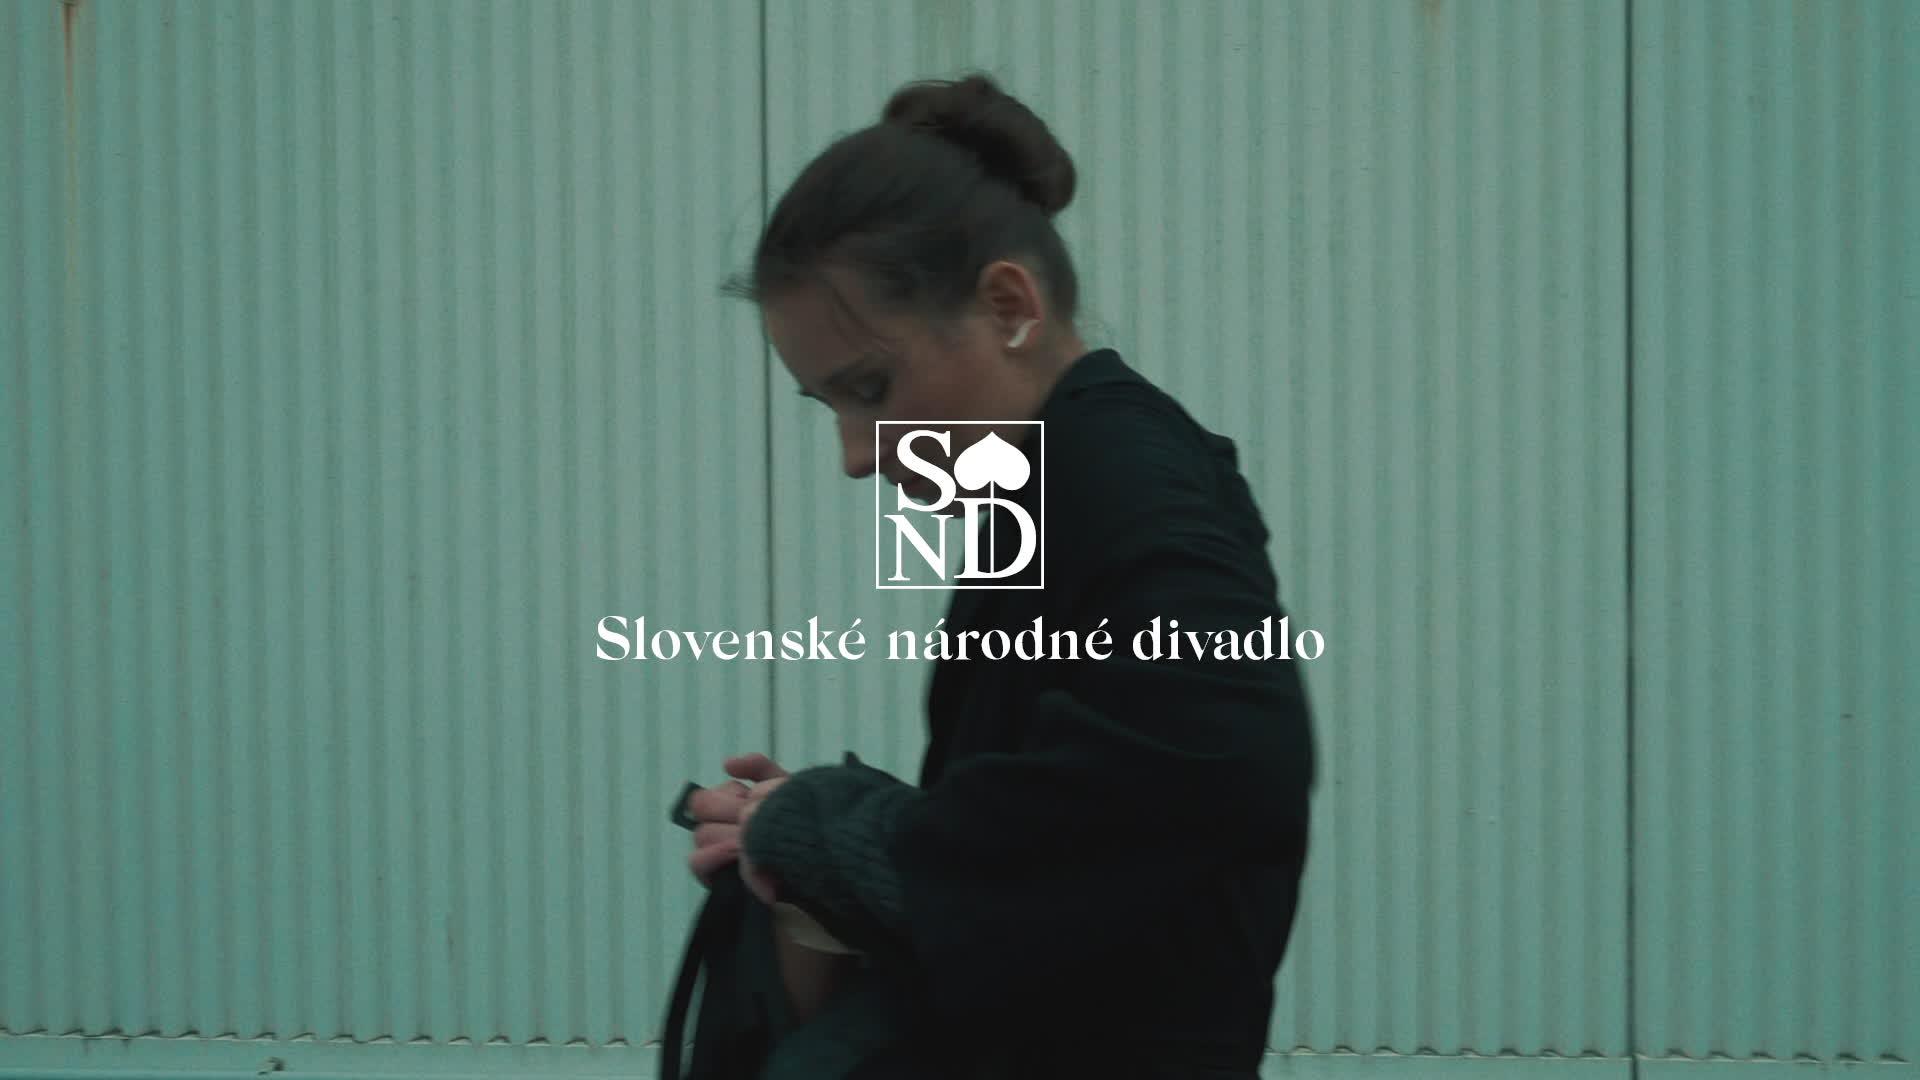 🎶 Dvořákové piesne – Kúsok ticha v hudbe 🎶  Pozývame vás sledovať hudobno-filmový projekt Opery SND zložený z výberu najkrajších…